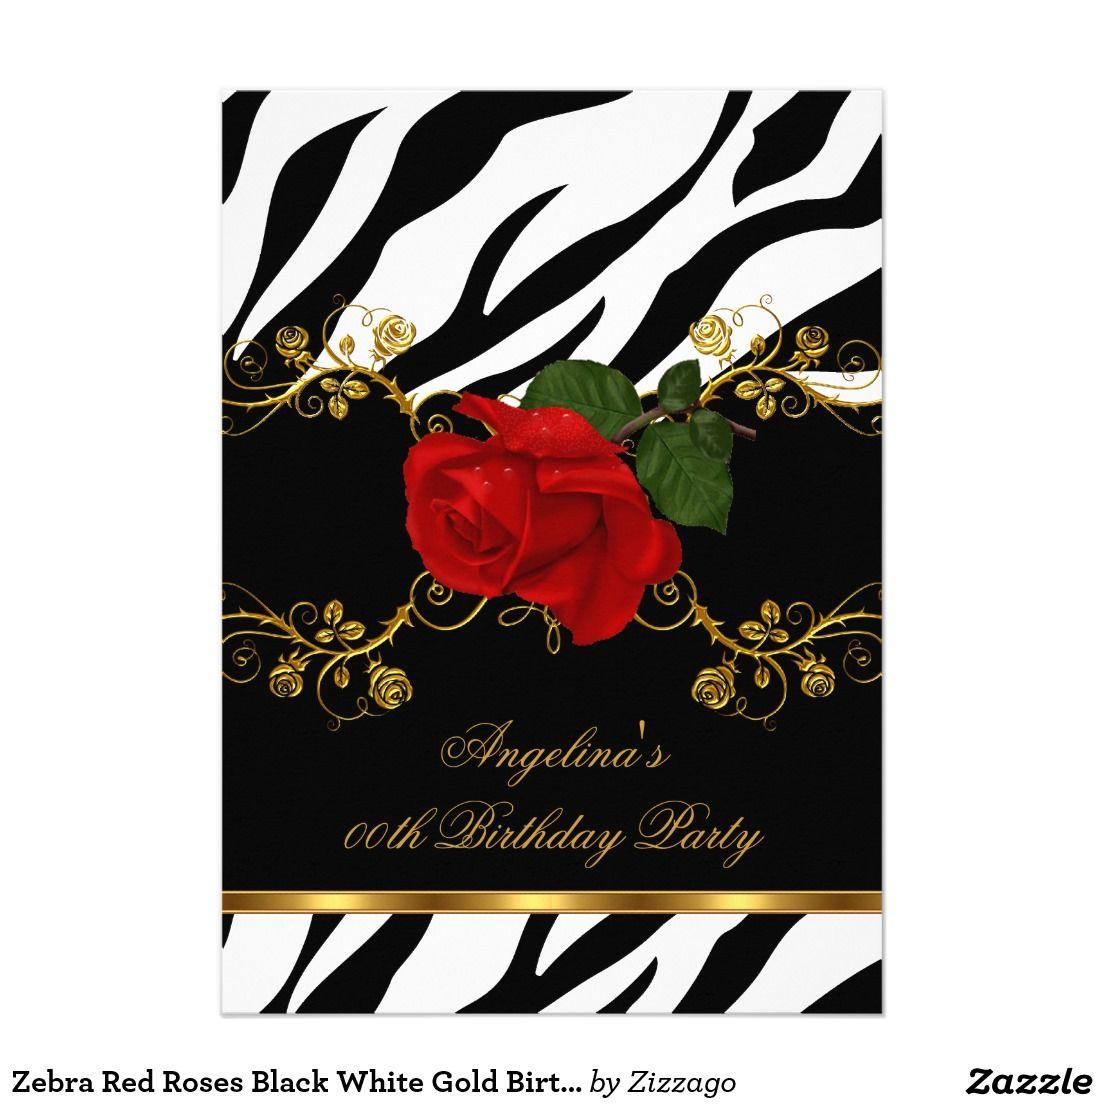 Zebra Red Roses Black White Gold Birthday Party Invitation